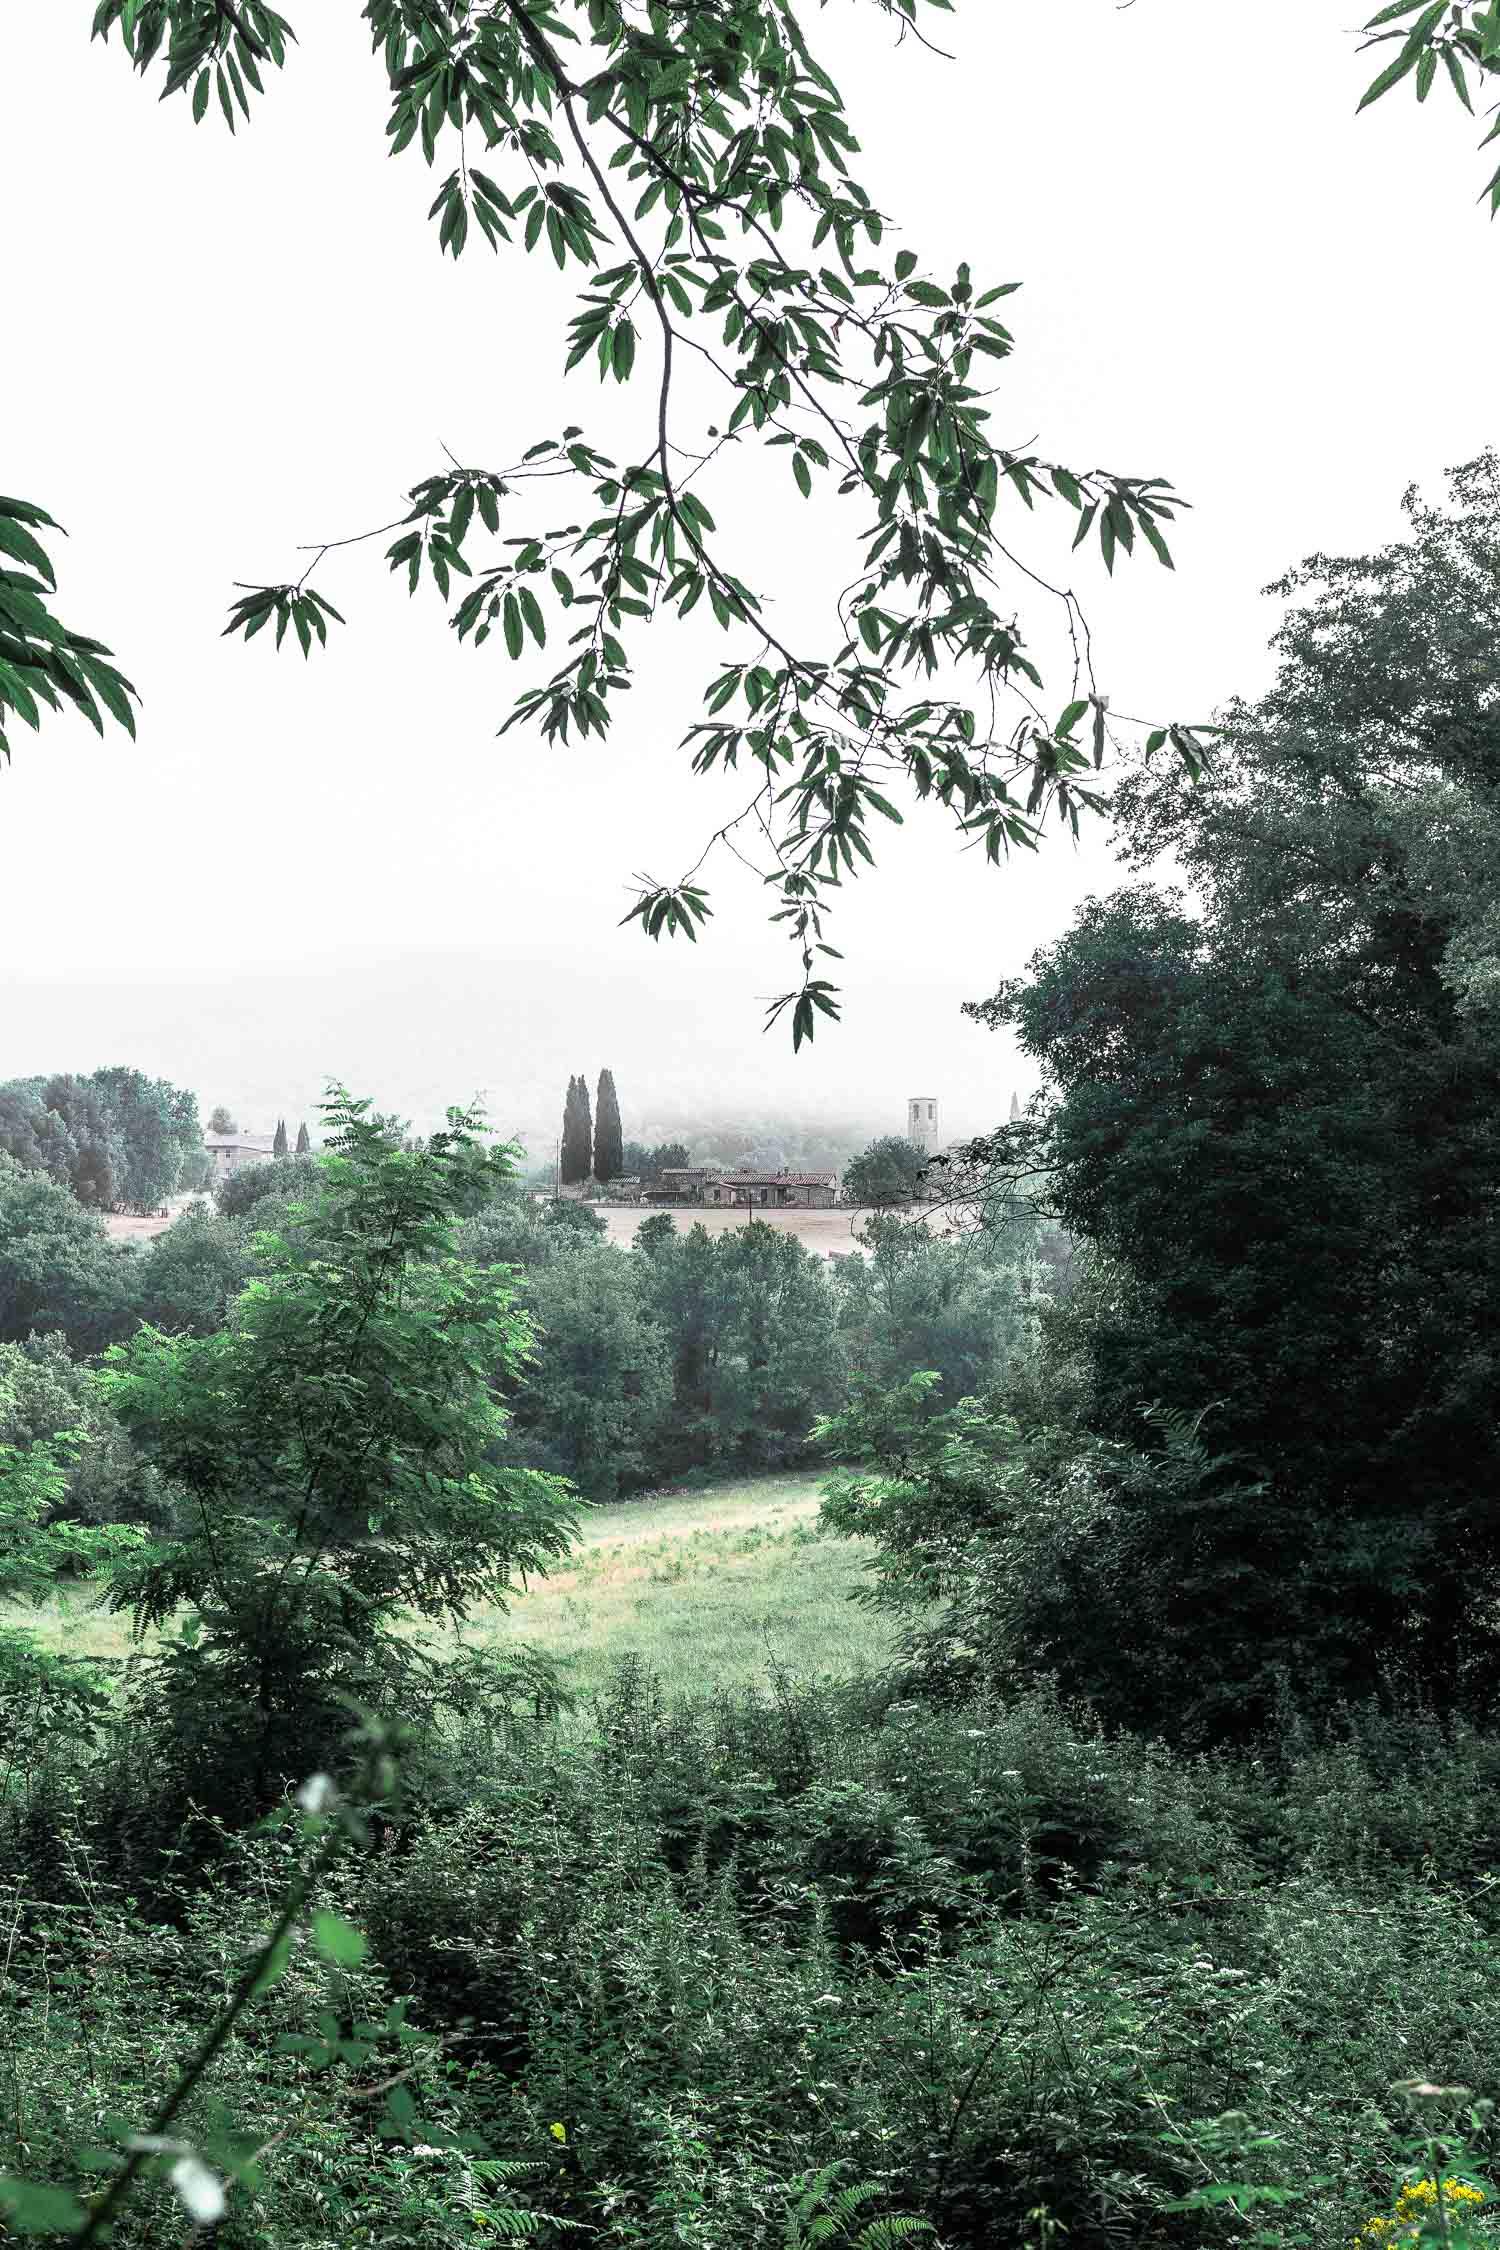 Tuscany-landscape-4271.jpg